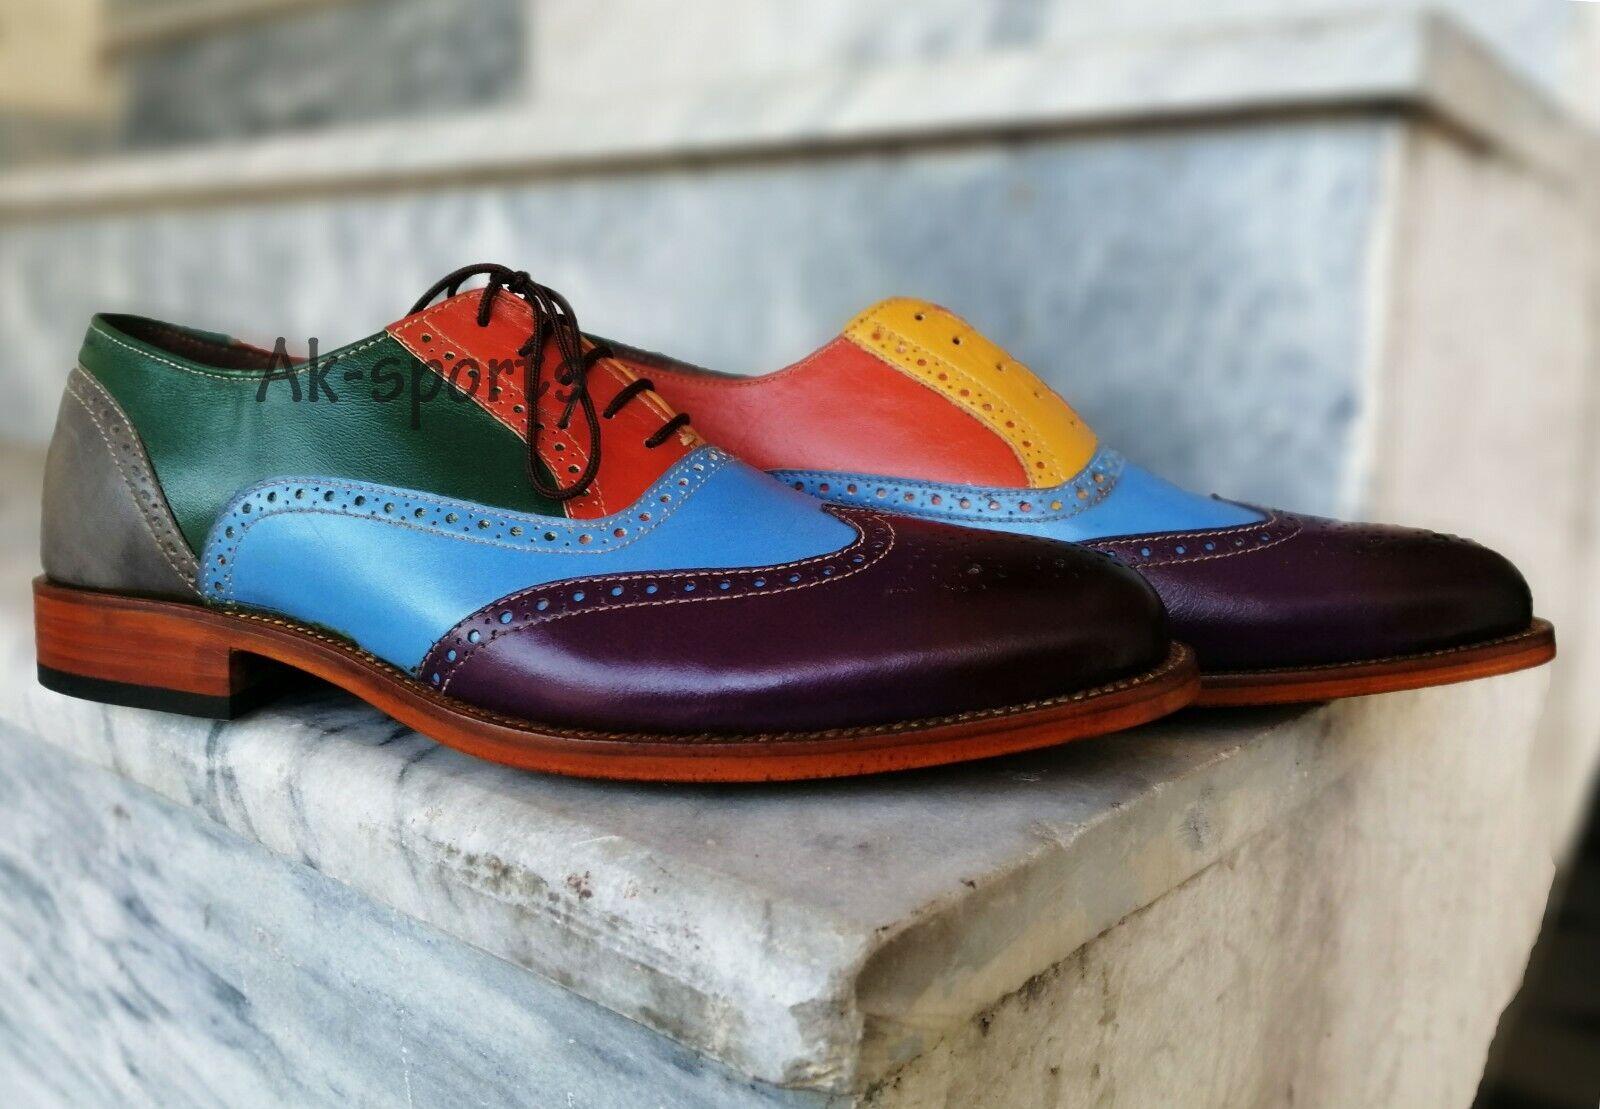 Multi Couleur Oxford Bout D'Aile chaussures en cuir, hommes Robe Formelle chaussures en cuir chaussures